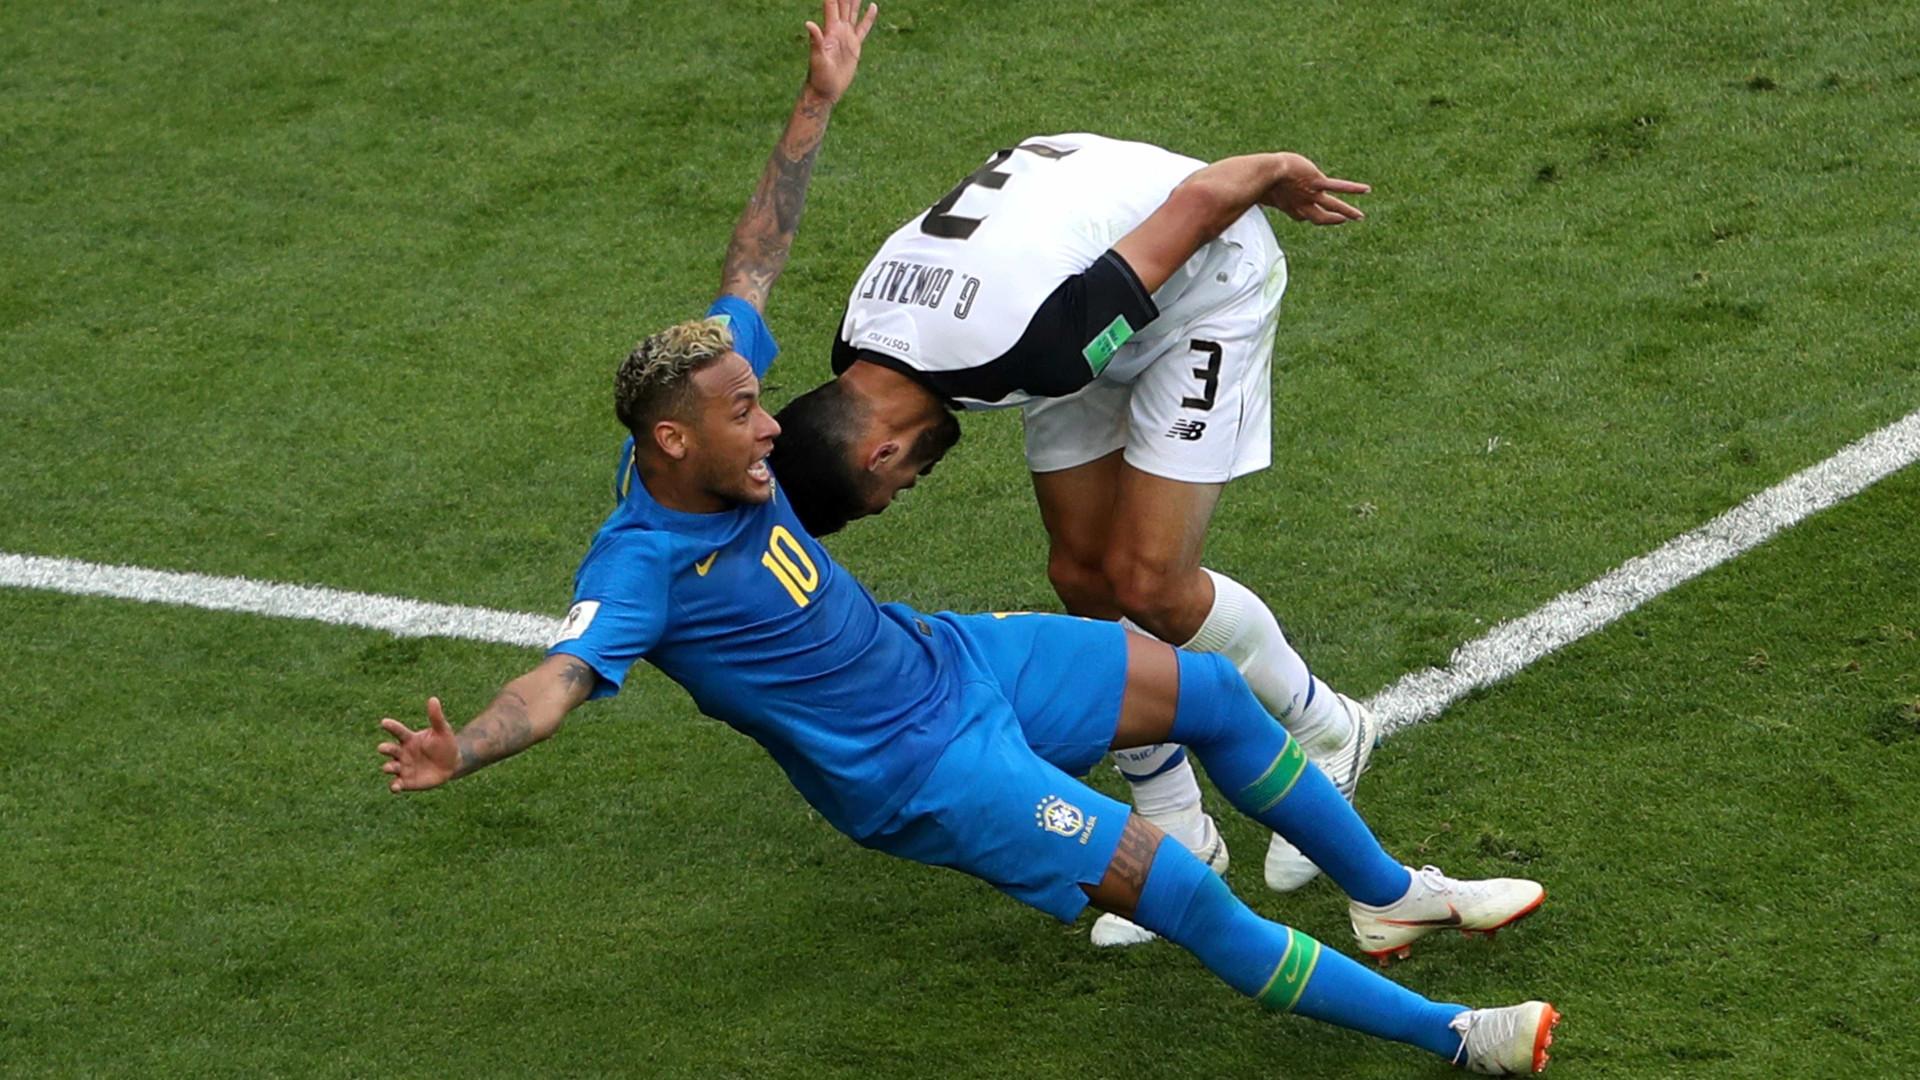 Bar no Rio promete bebida grátis a cada tombo de Neymar contra a Sérvia